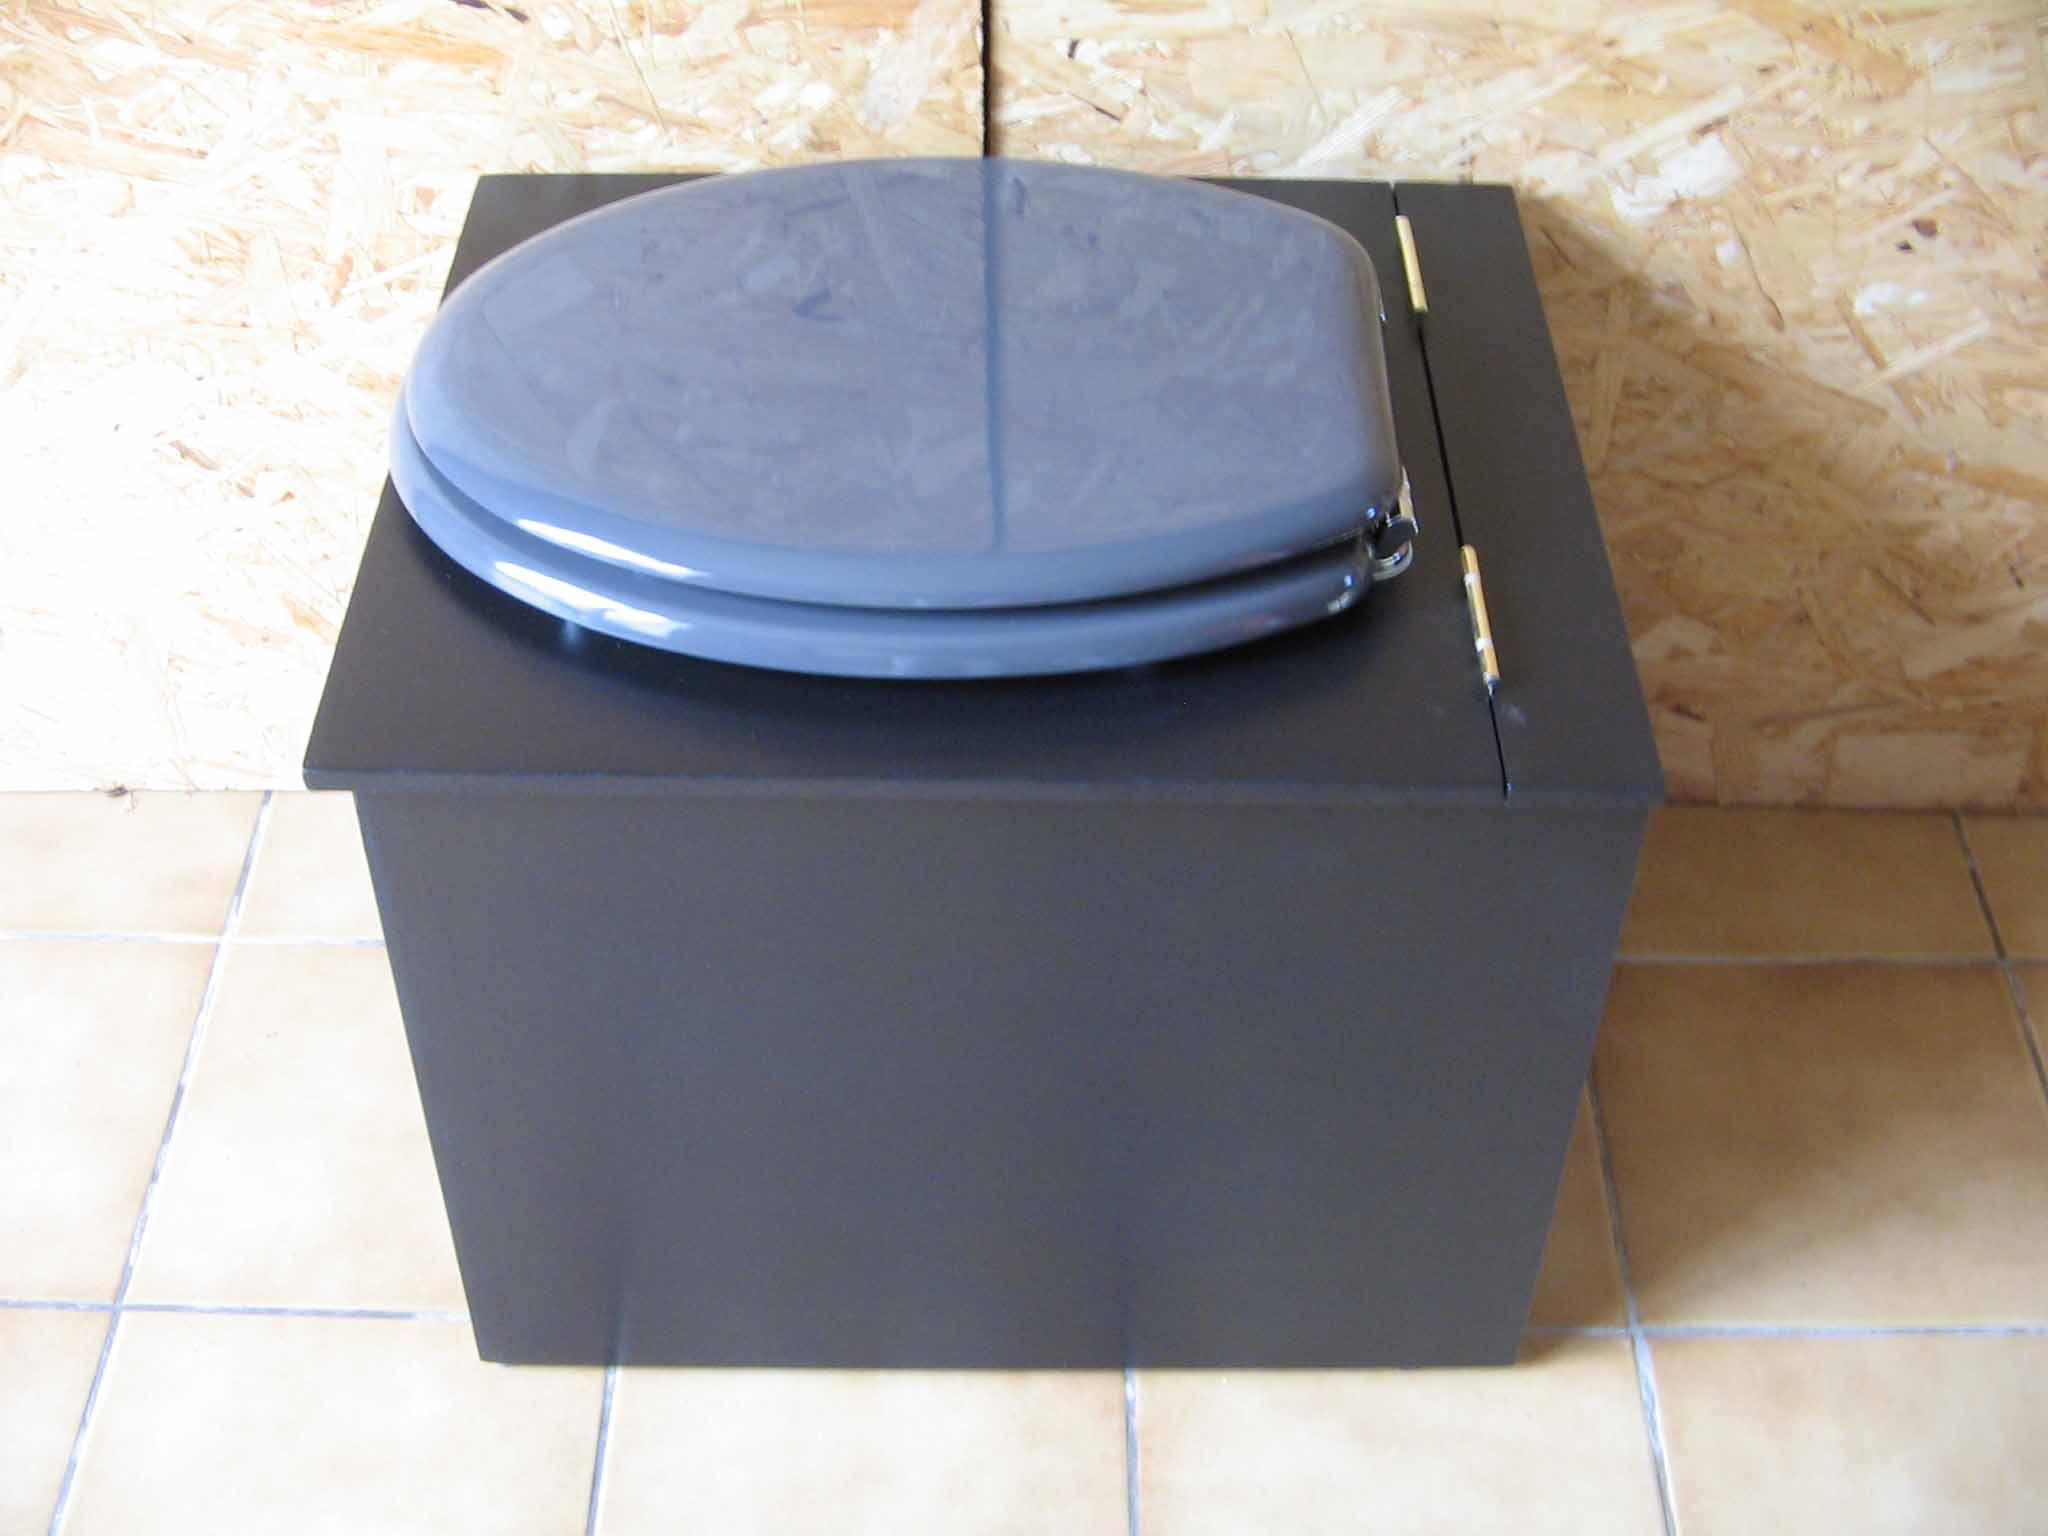 Vos Toilettes Sèches Originales Et À Petit Prix   Fabulous serapportantà Toilette Seche Prix